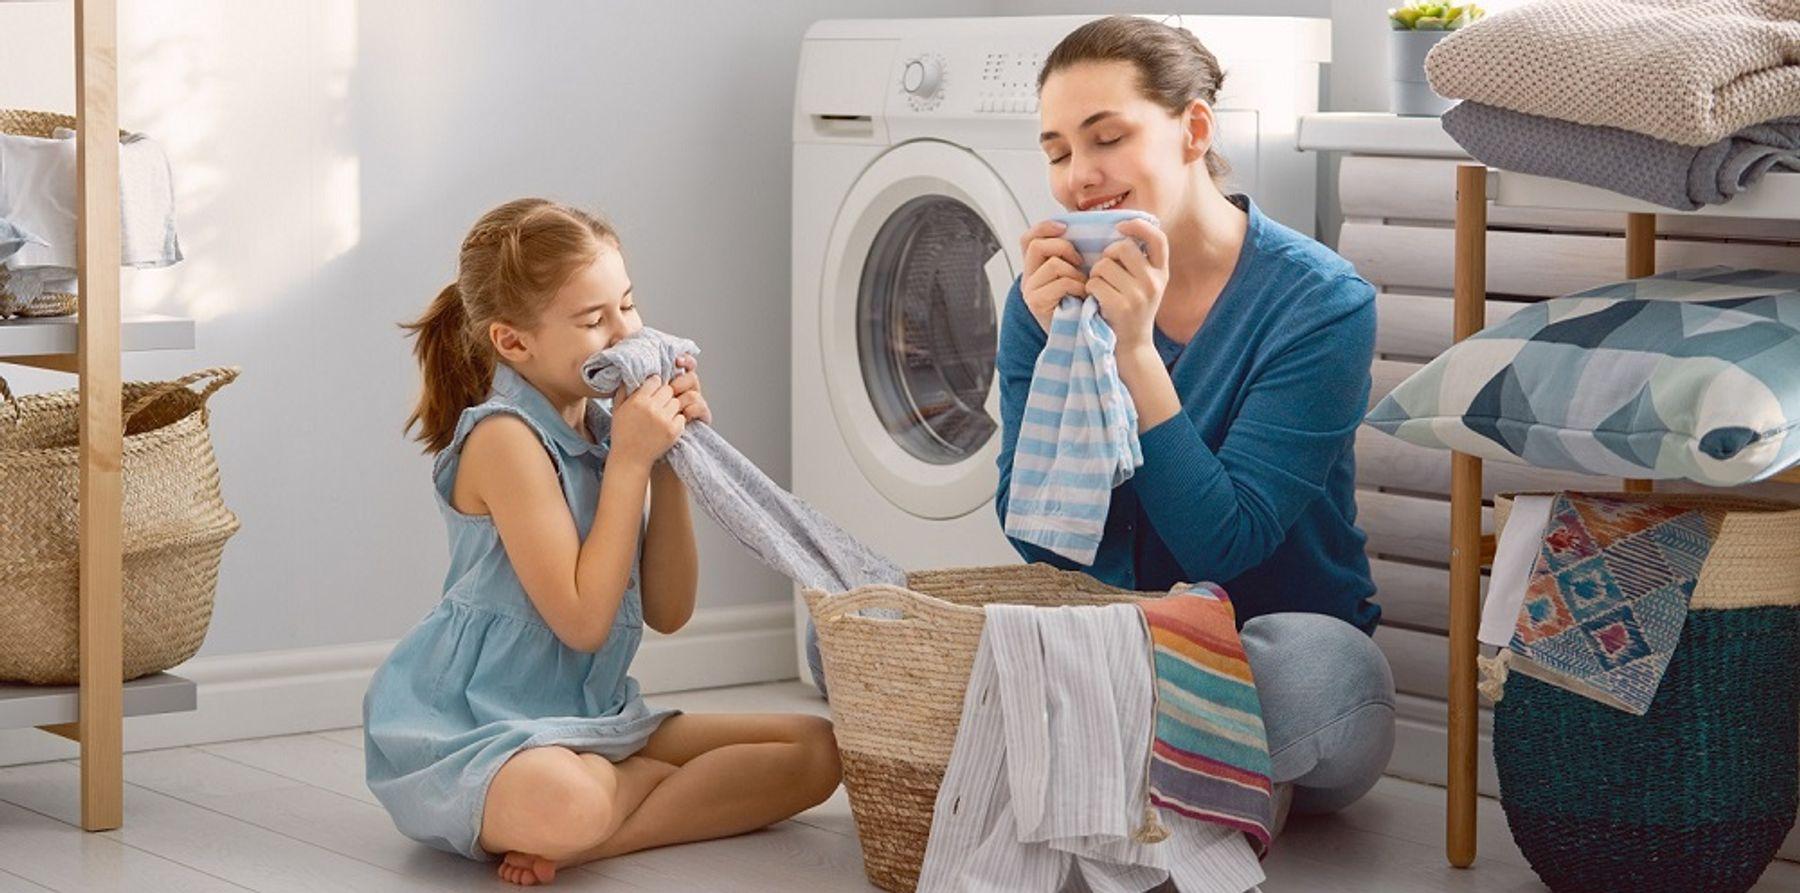 Cách sử dụng xịt thơm quần áo giữ mùi lâu đúng cách